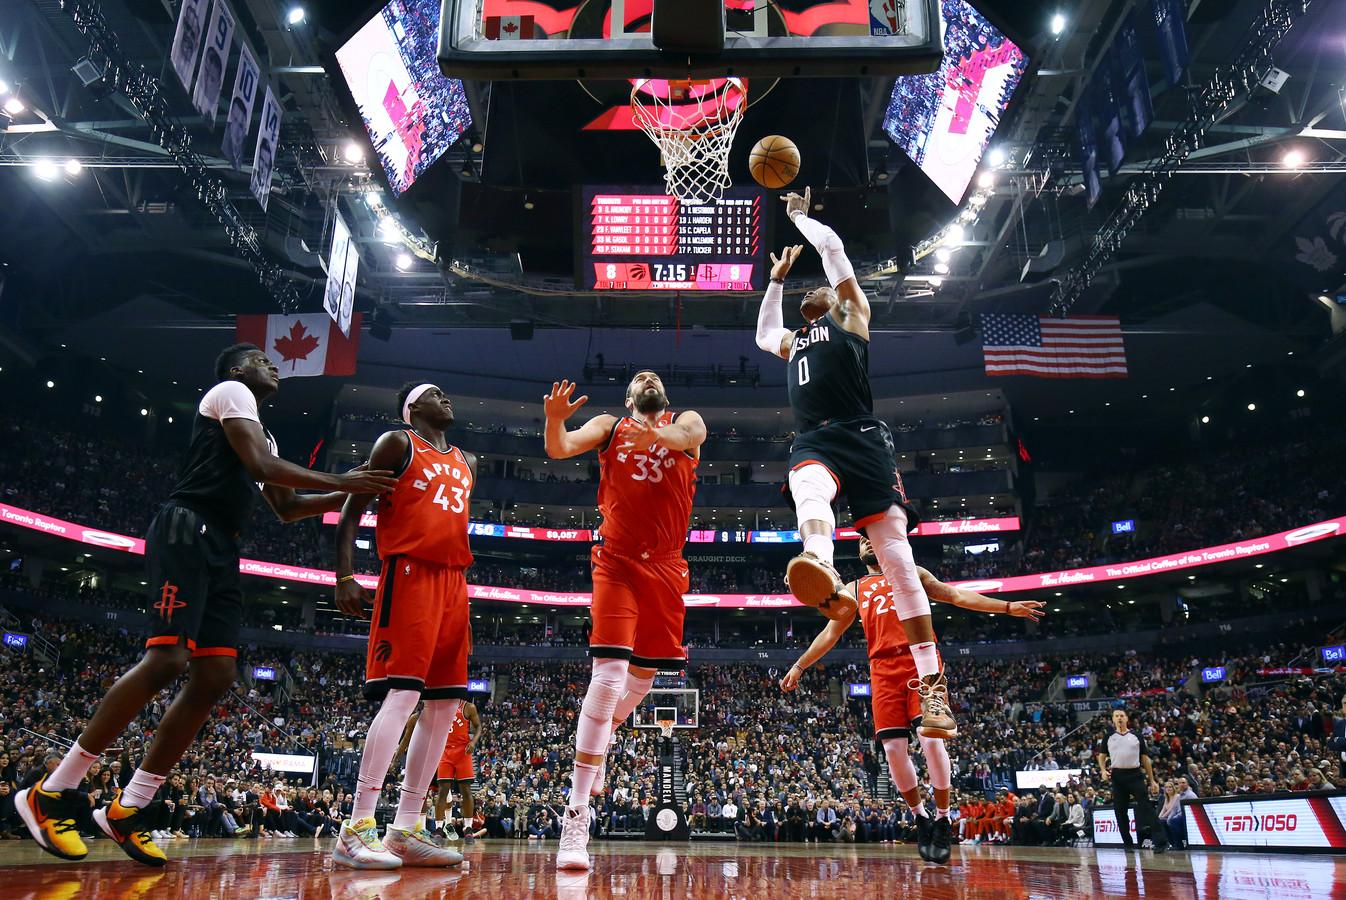 Russell Westbrook (r) gaat richting de basket. Marc Gasol (m) probeert een treffer te voorkomen.